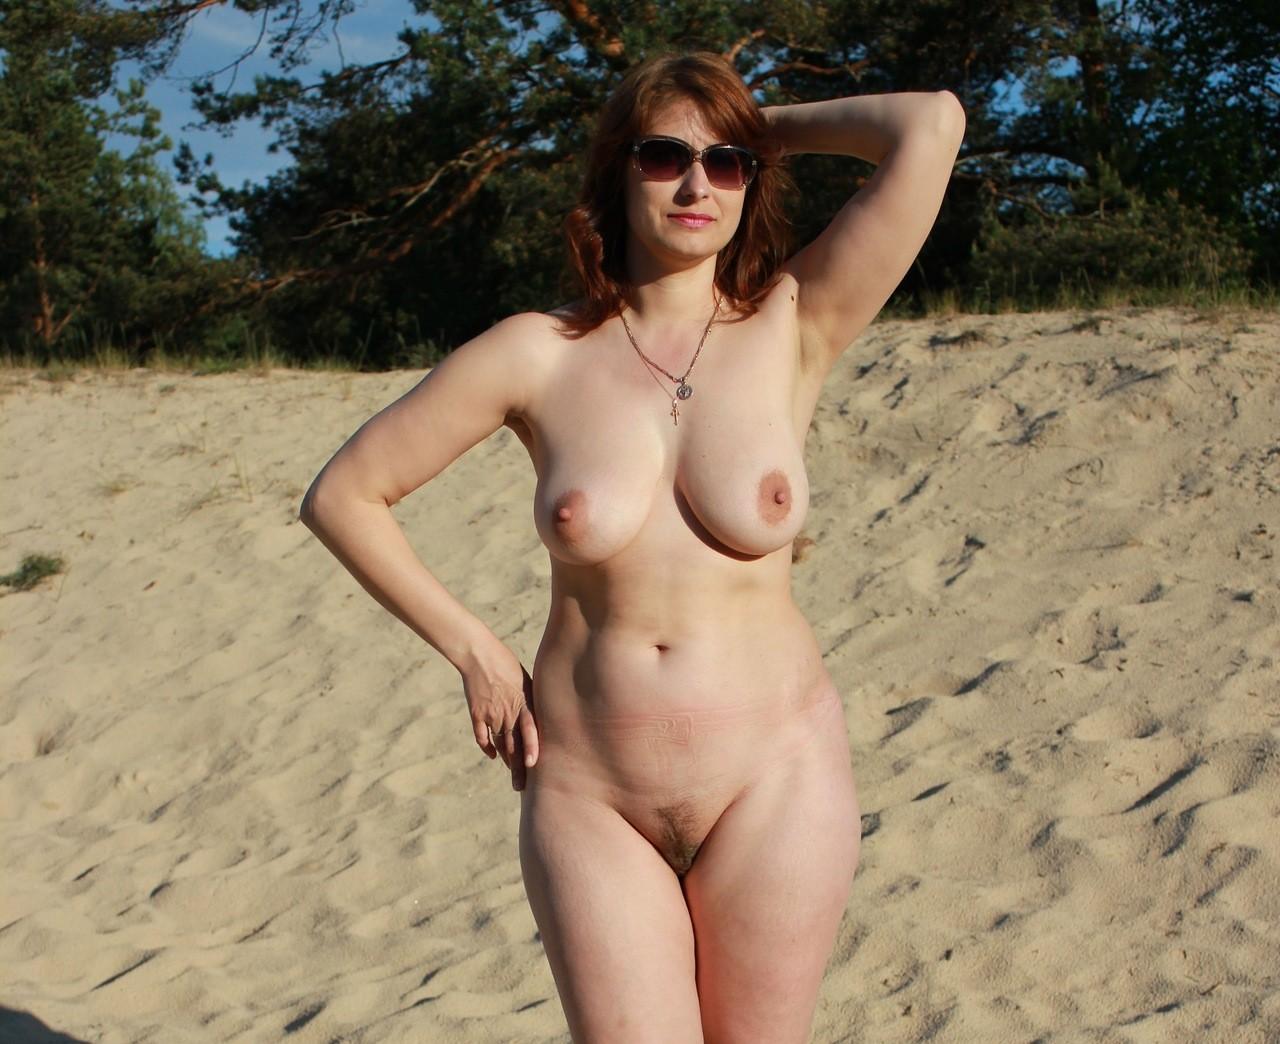 частные фото голых женщин на пляжах и природе бросился